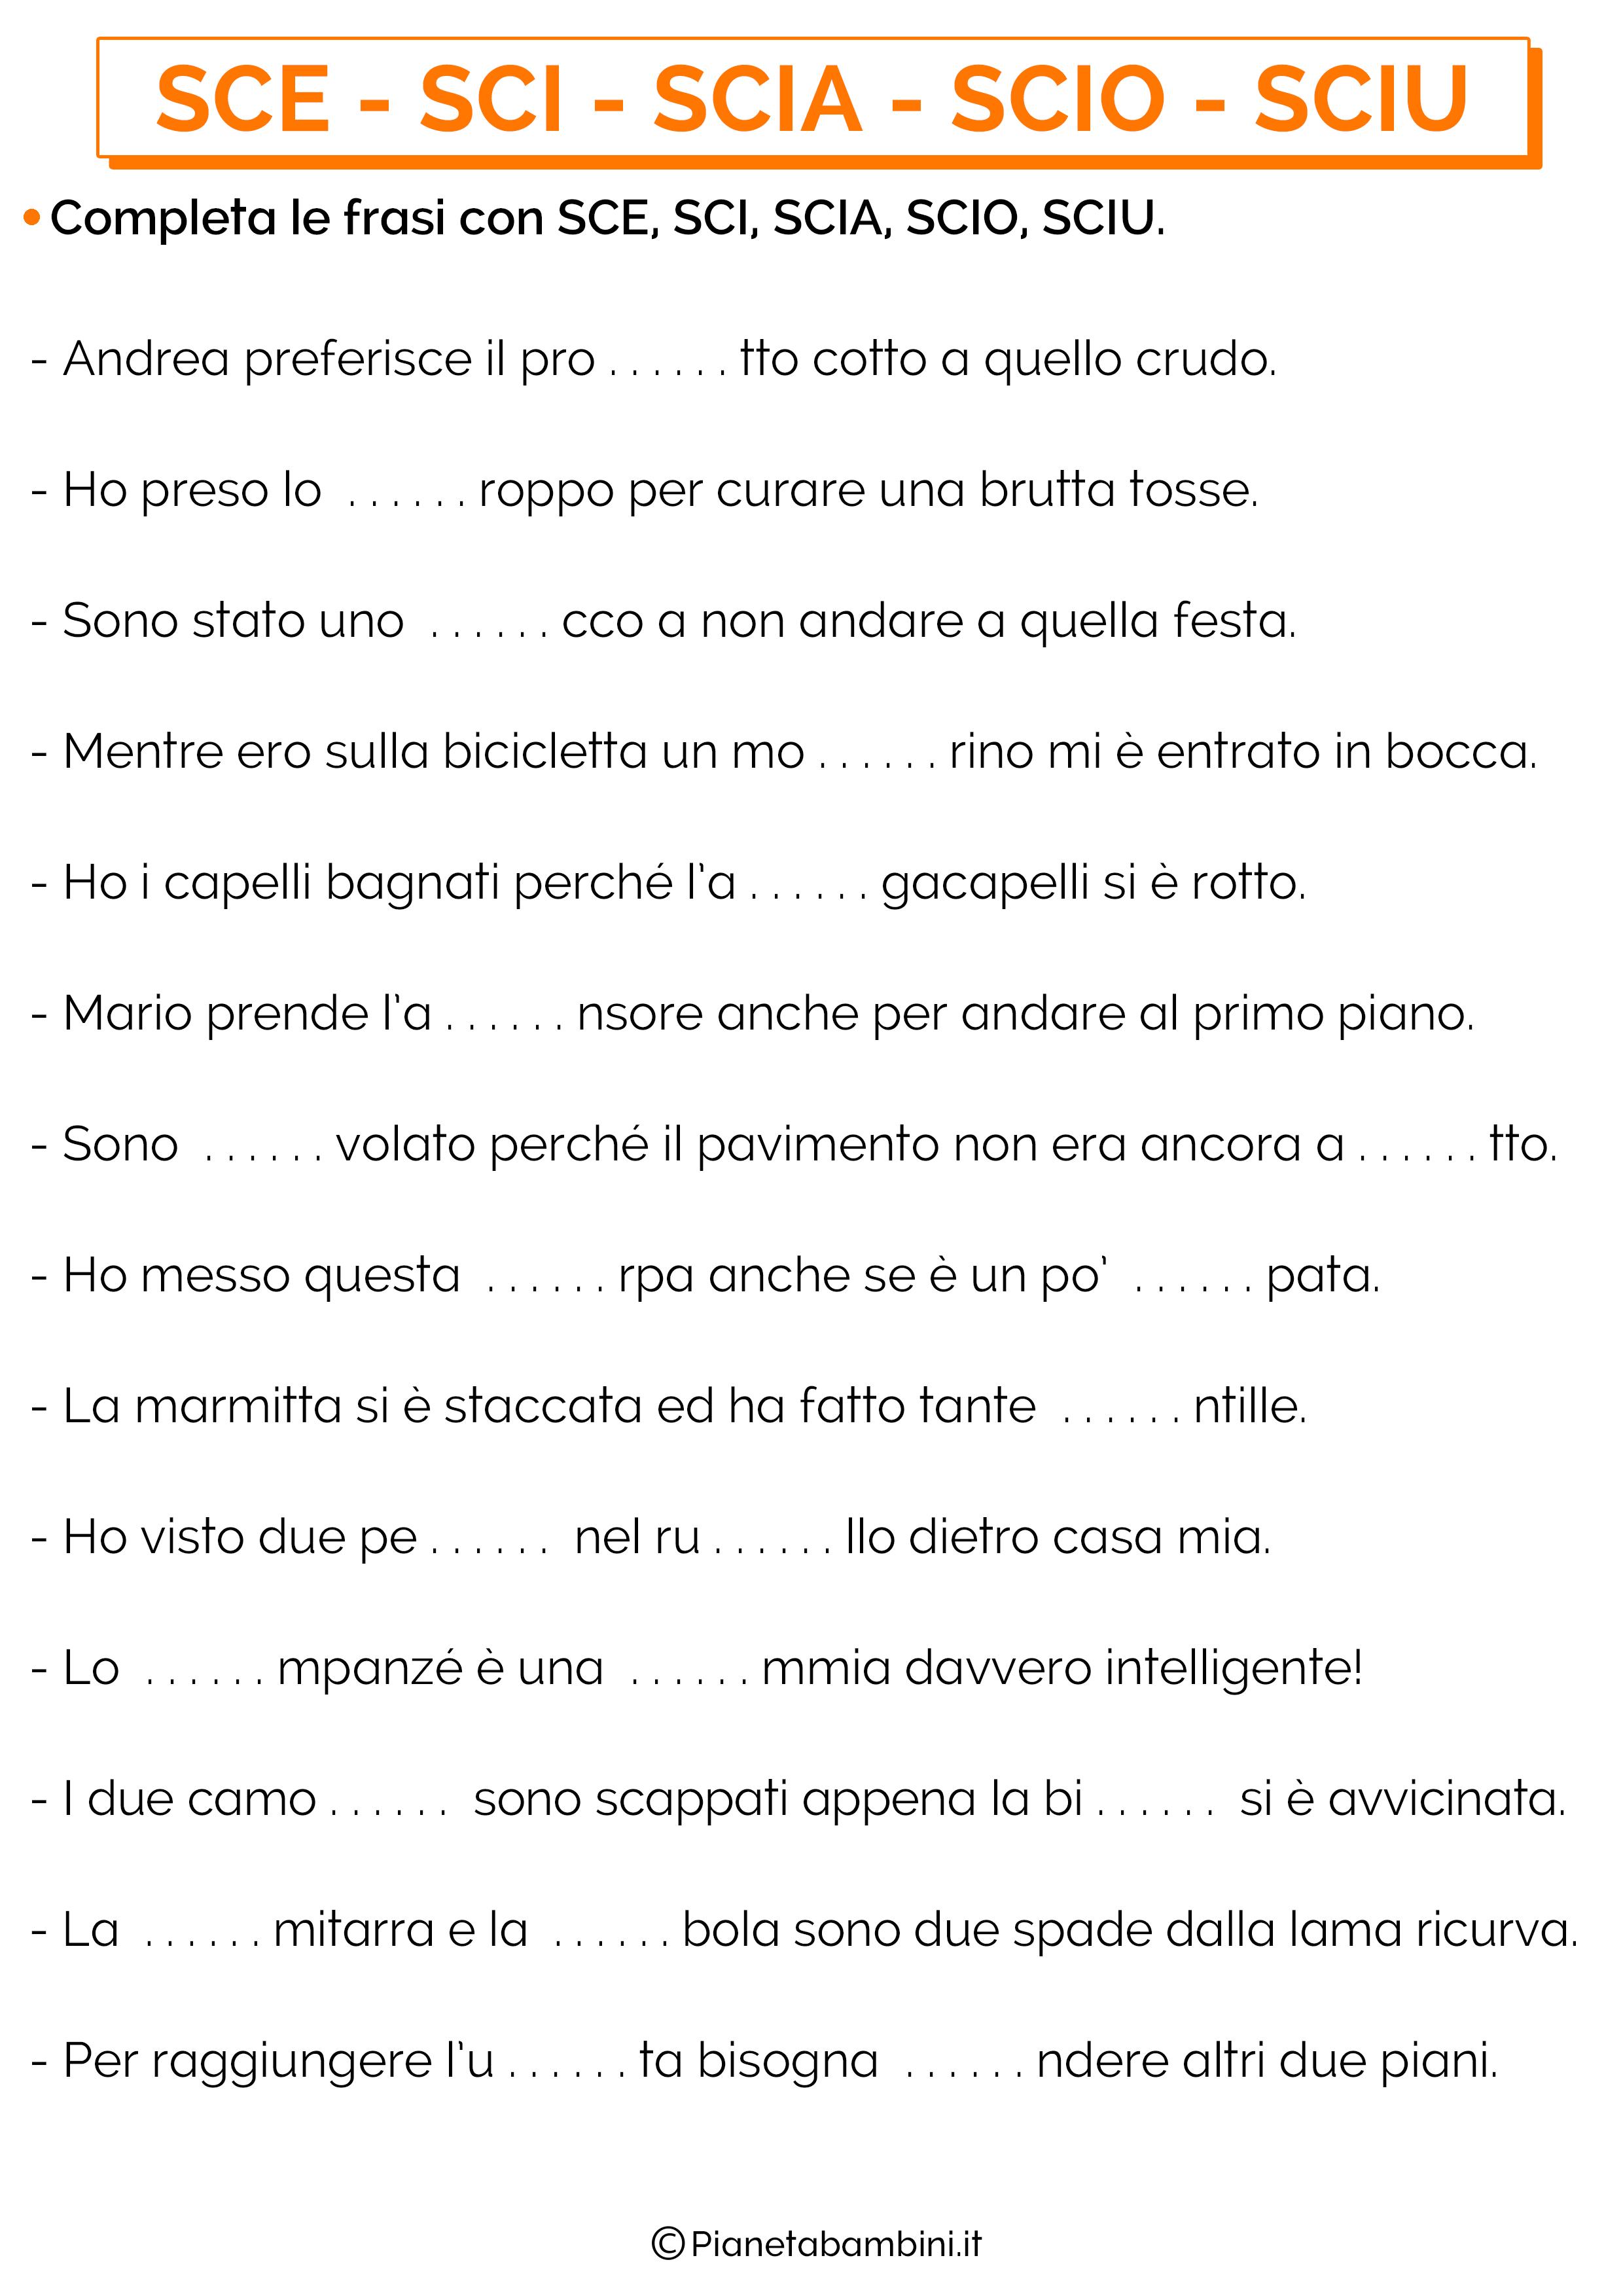 Frasi con SCE-SCI-SCIA-SCIO-SCIU